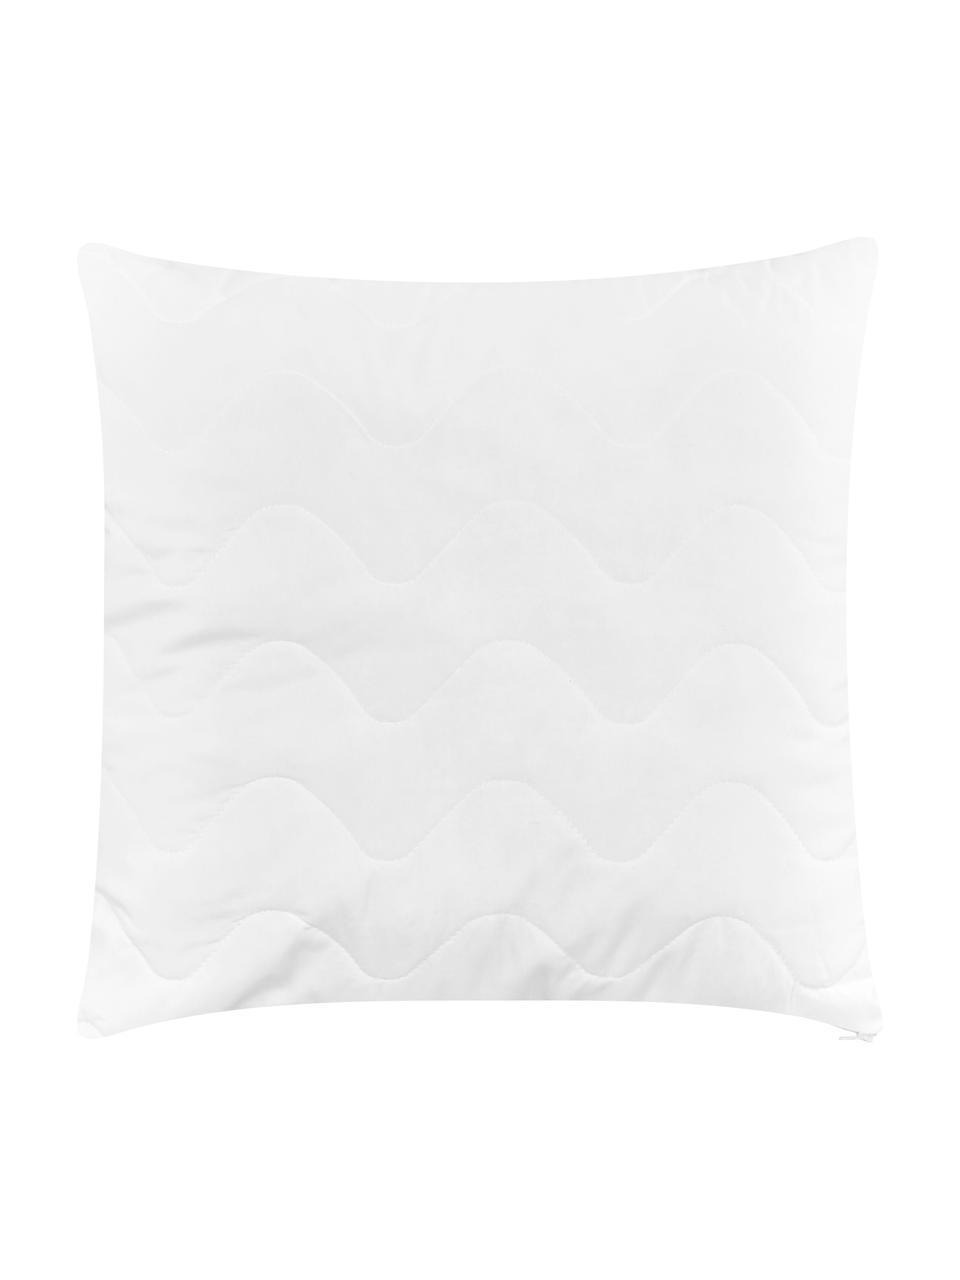 Wkład do poduszki Premium Sia, 50x50, Biały, S 50 x D 50 cm